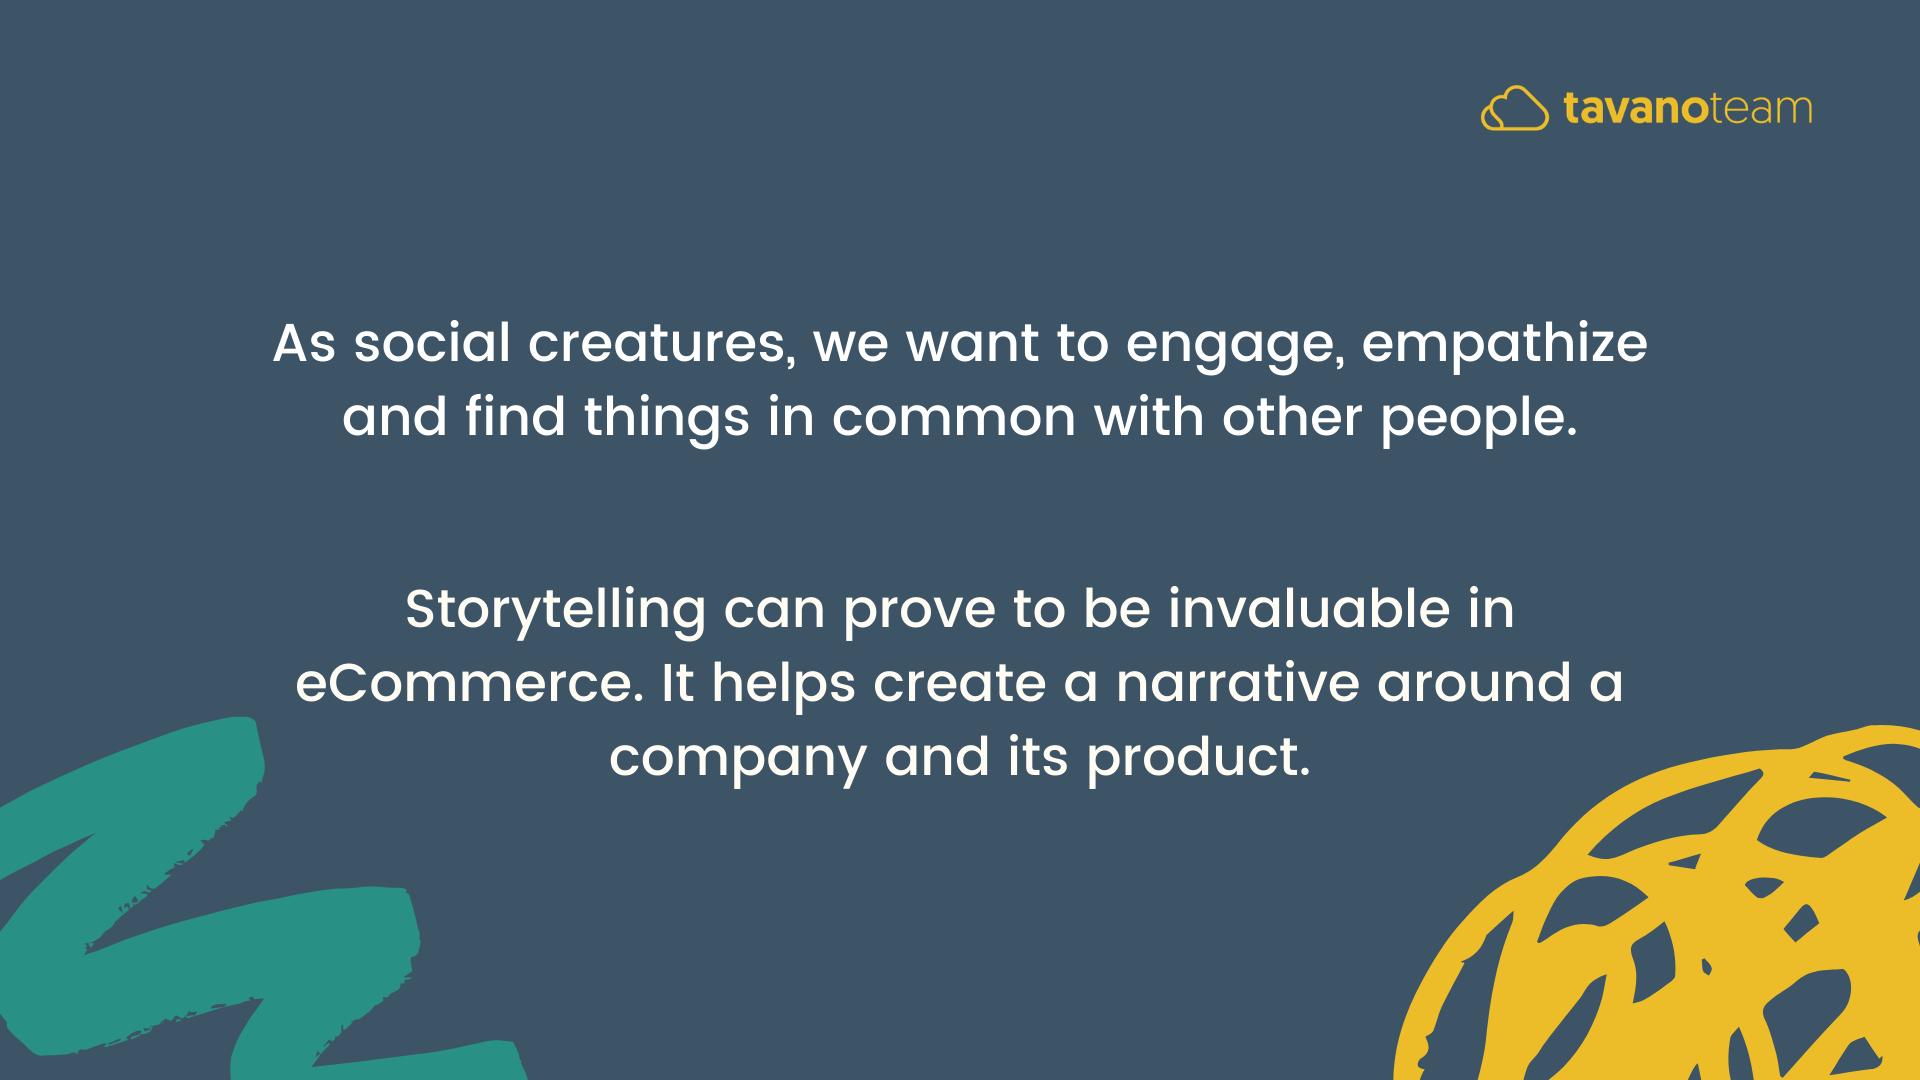 storytelling-for-ecommerce-tavano-team-2